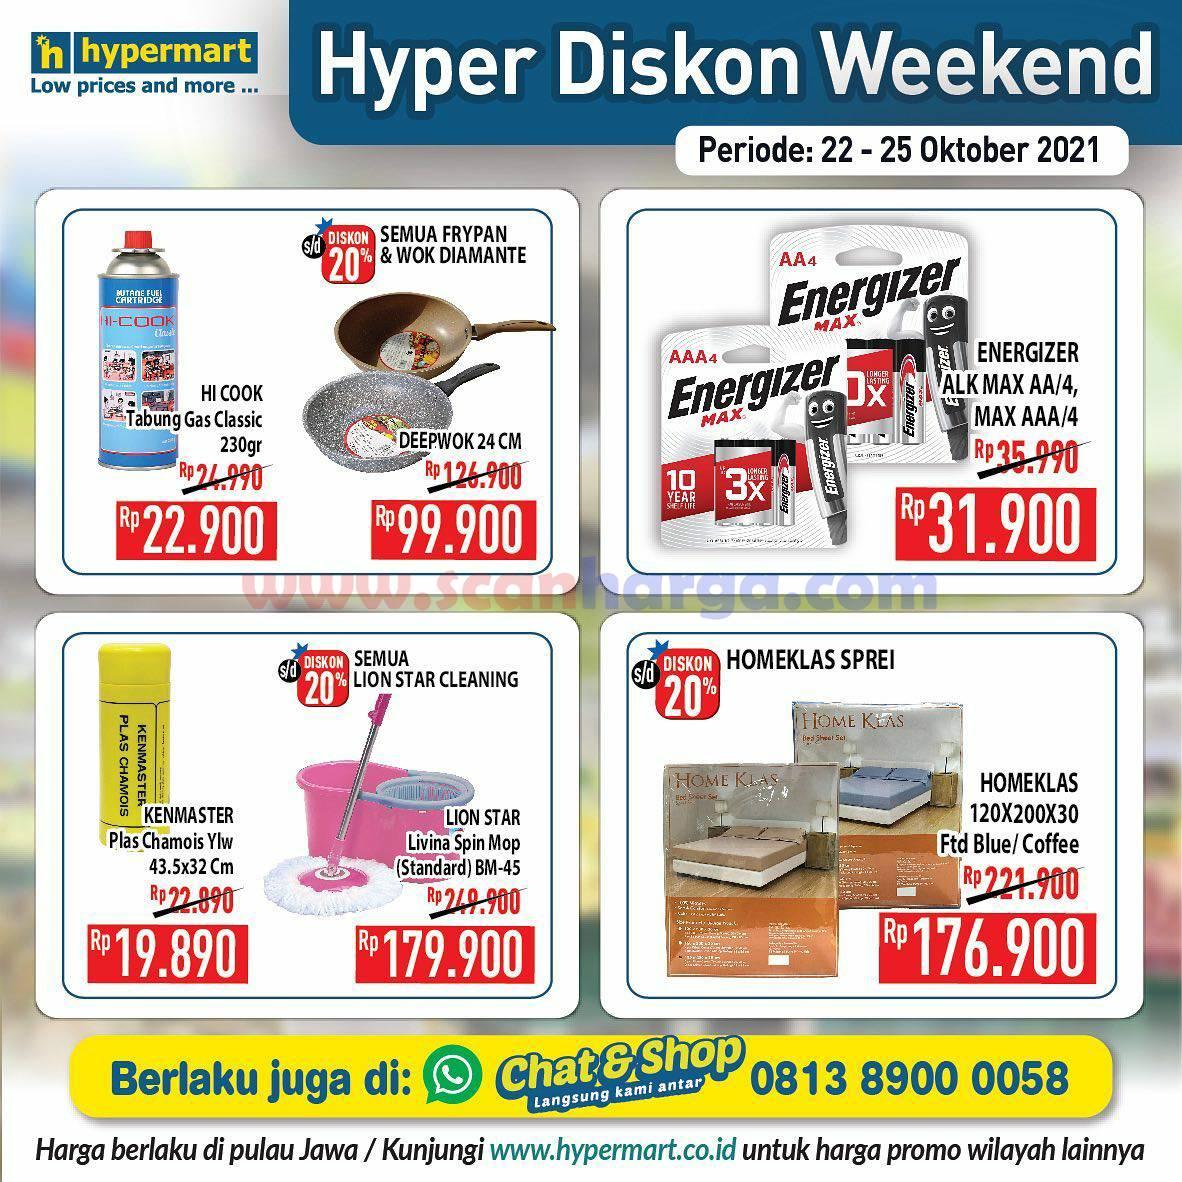 Promo Hypermart Weekend Terbaru 22 - 25 Oktober 2021 10